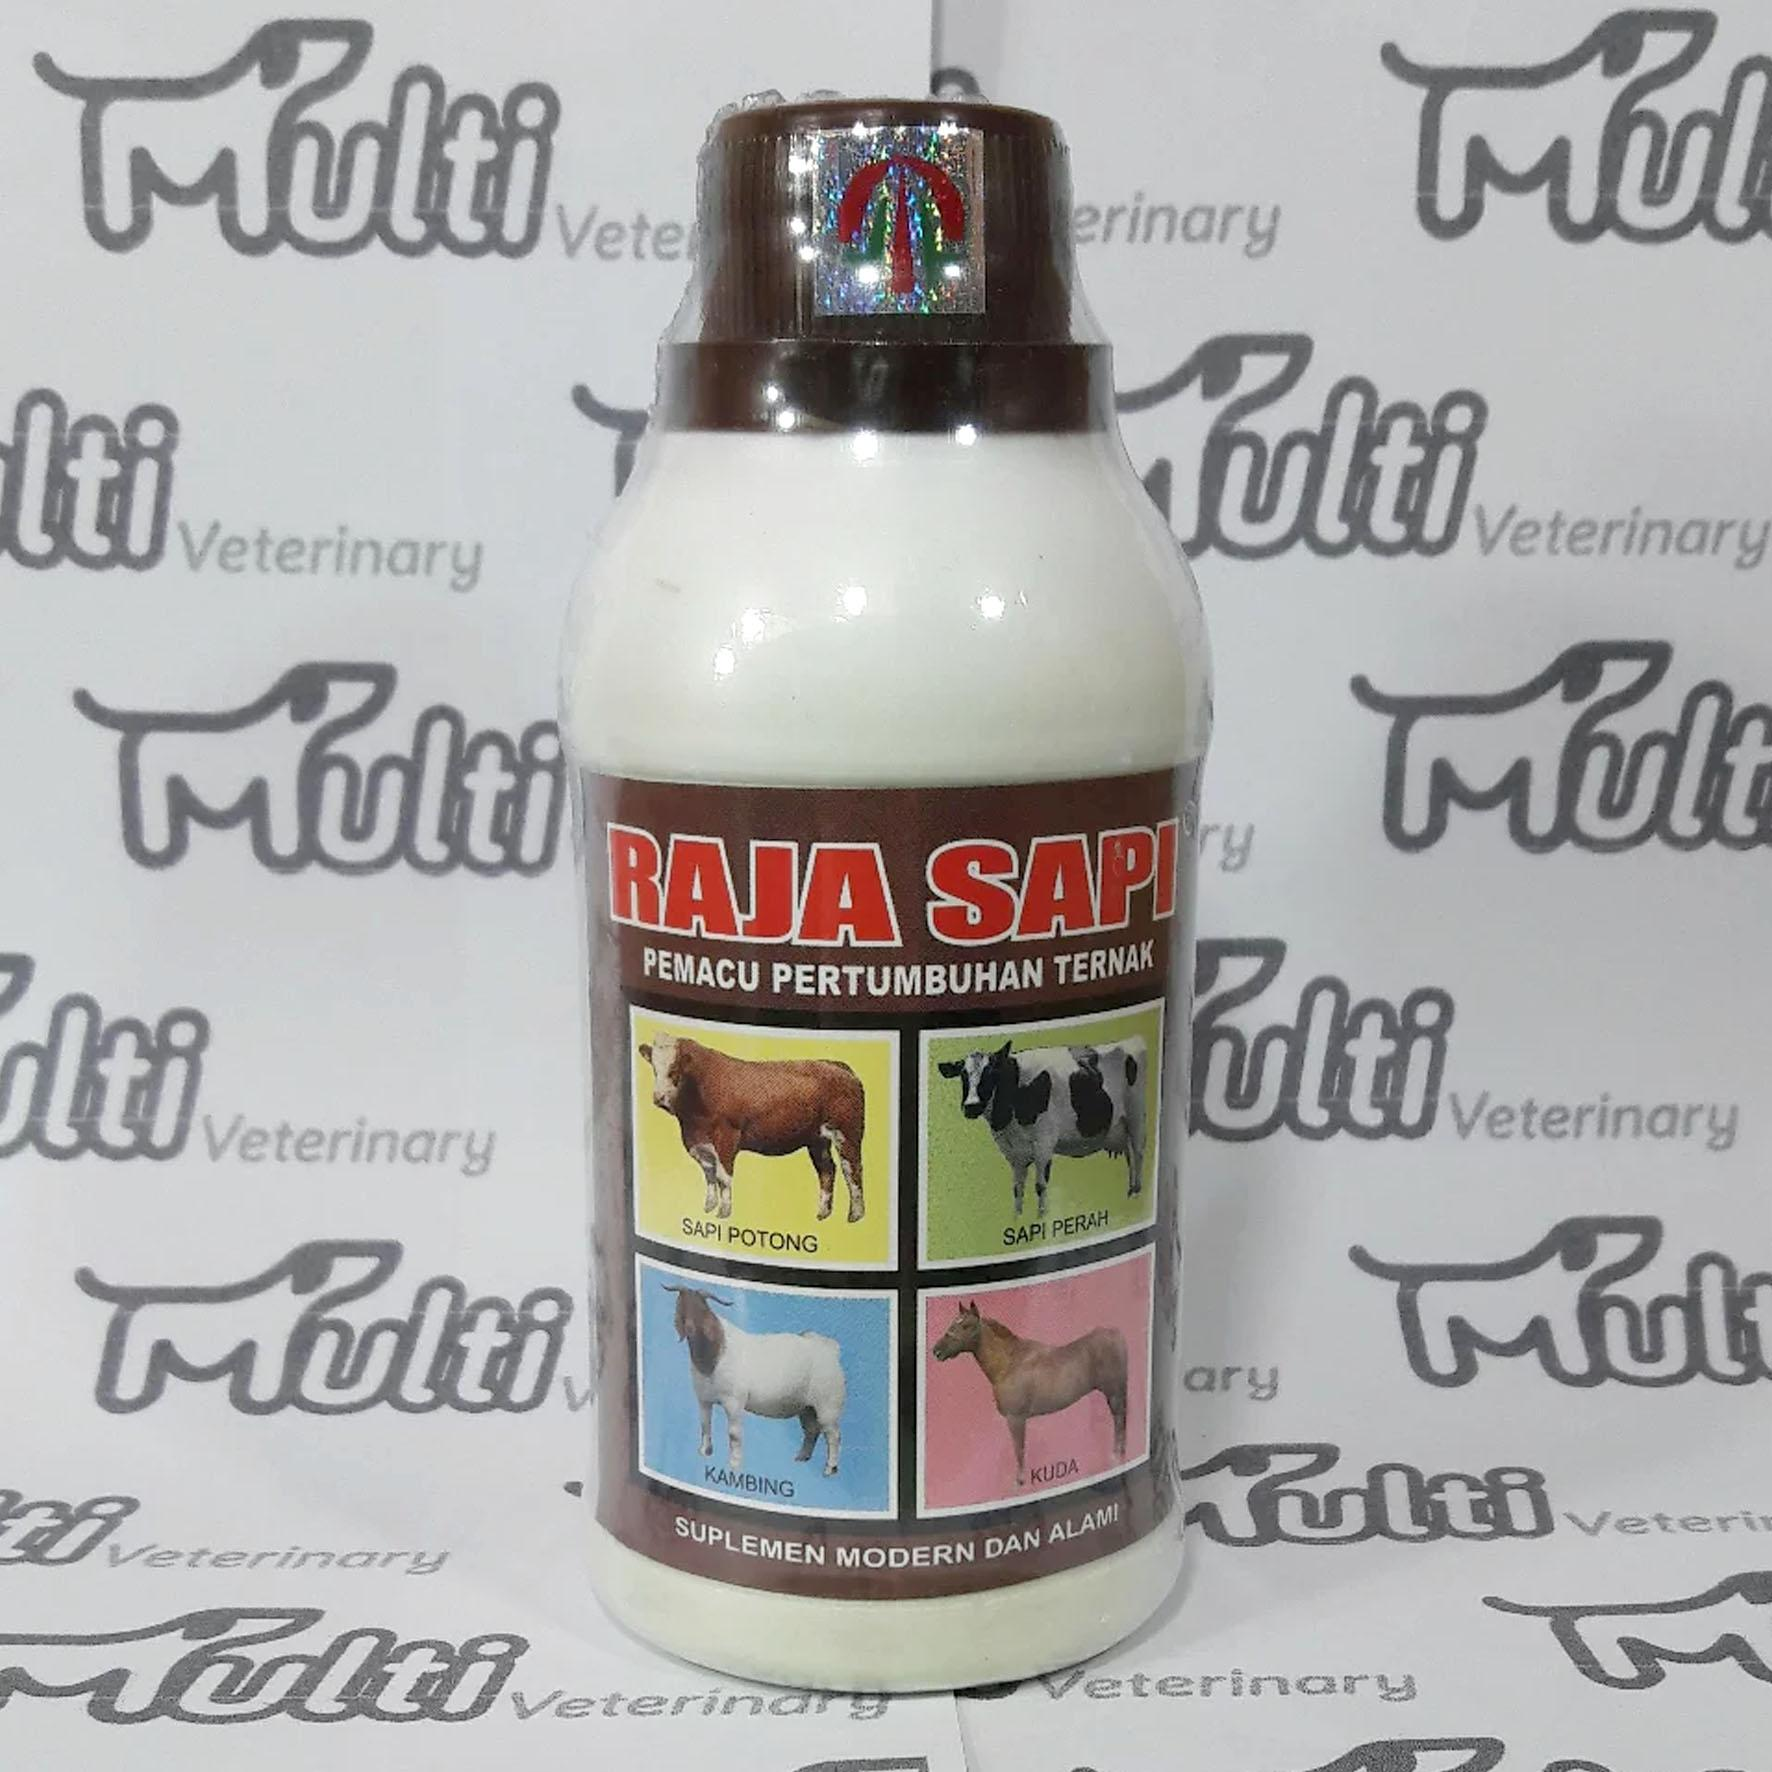 Obat Vitamin Sapi Raja Sapi 250 Ml Penggemuk Pemacu Pertumbuhan Ternak Sapi-Kambing-Kuda By Multi Veterinary.